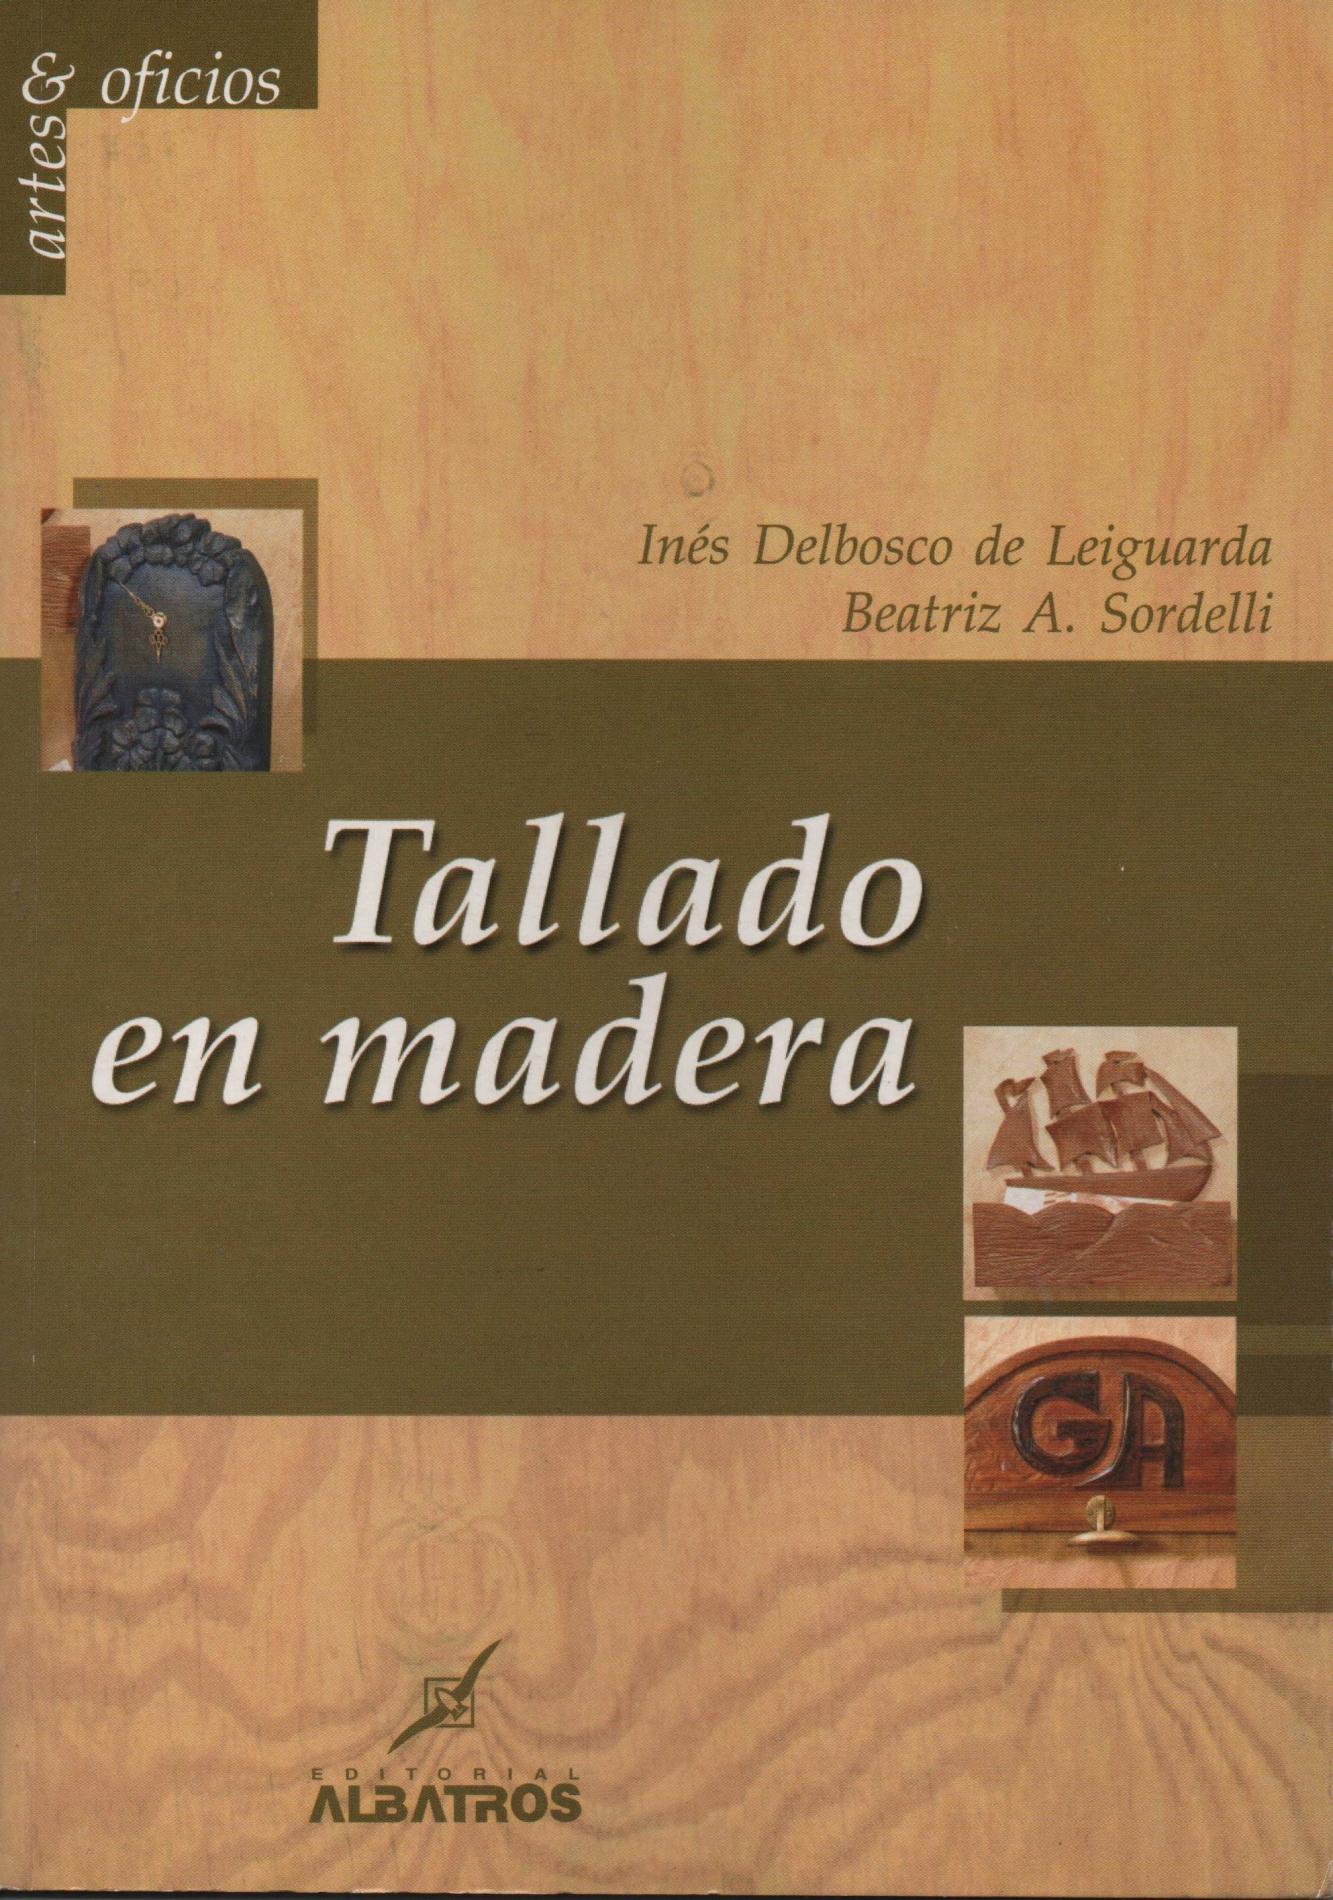 9789502412498-Tallado en madera - Ines Delbosco De Leiguarda, Beatriz A. Sordelli -max-1.